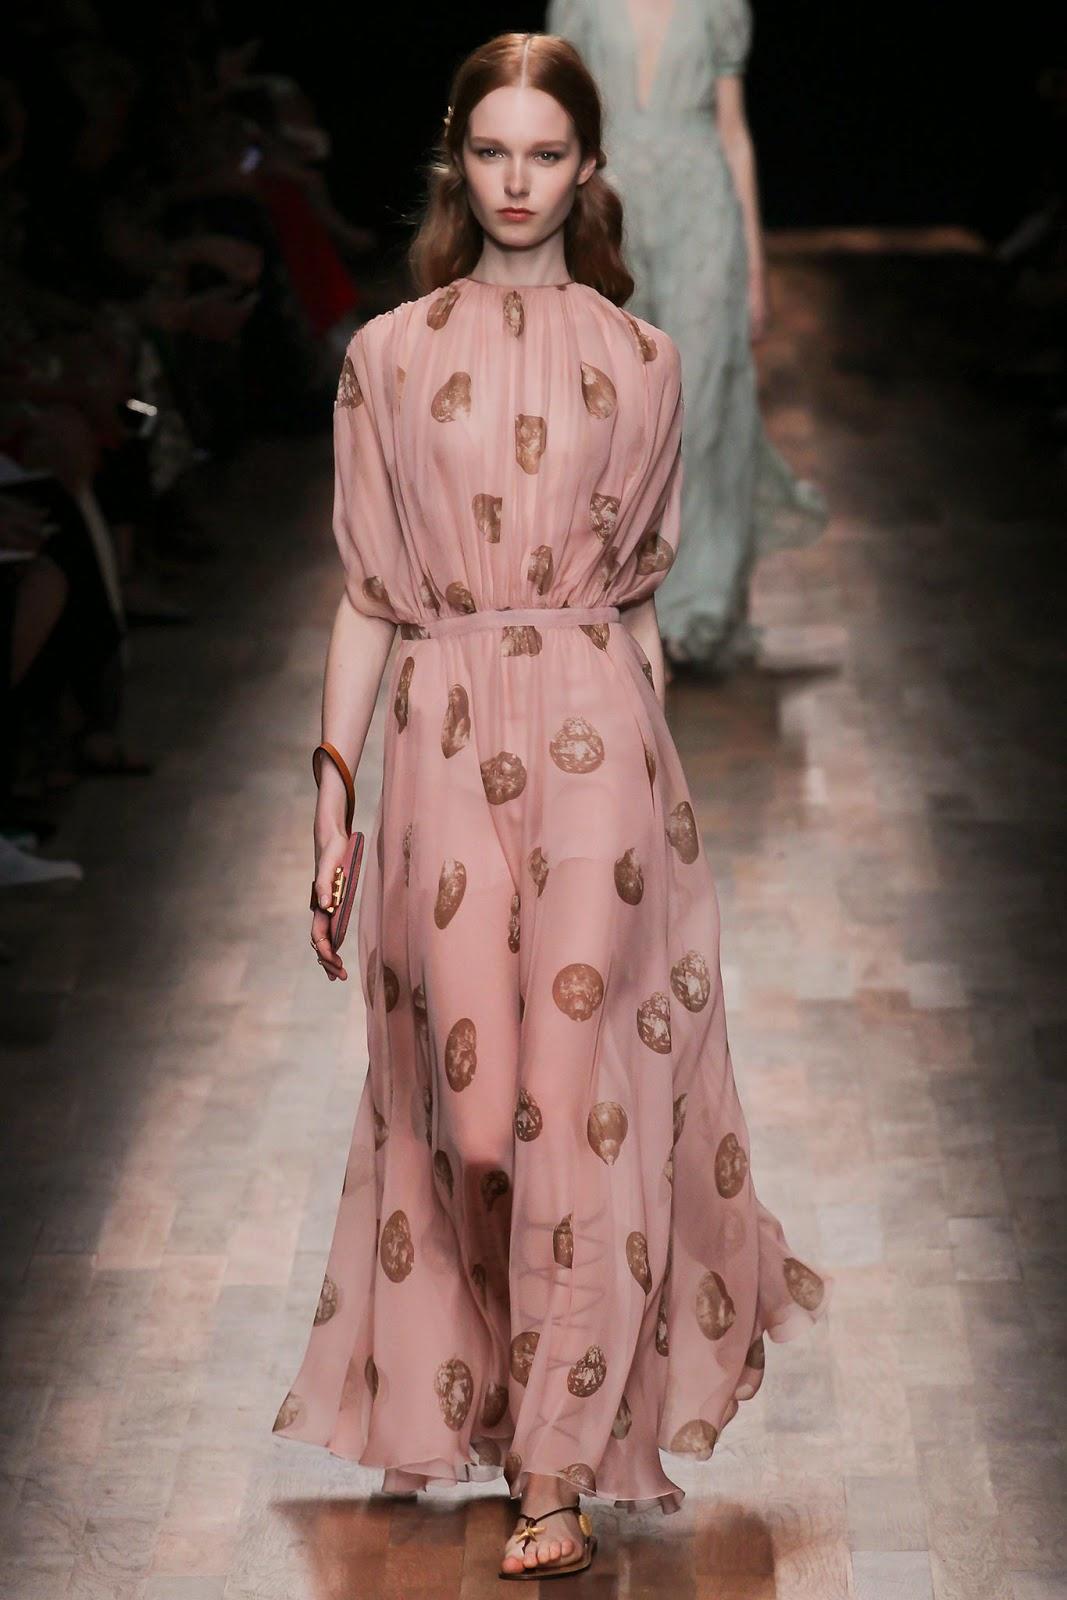 valentino 2015 summer 2016 trend women dress89 Valentino 2015 samling, våren sommaren 2016 Valentino klänning modeller, Valentino kväll klänning nya säsongen kvinnors kjolar modeller